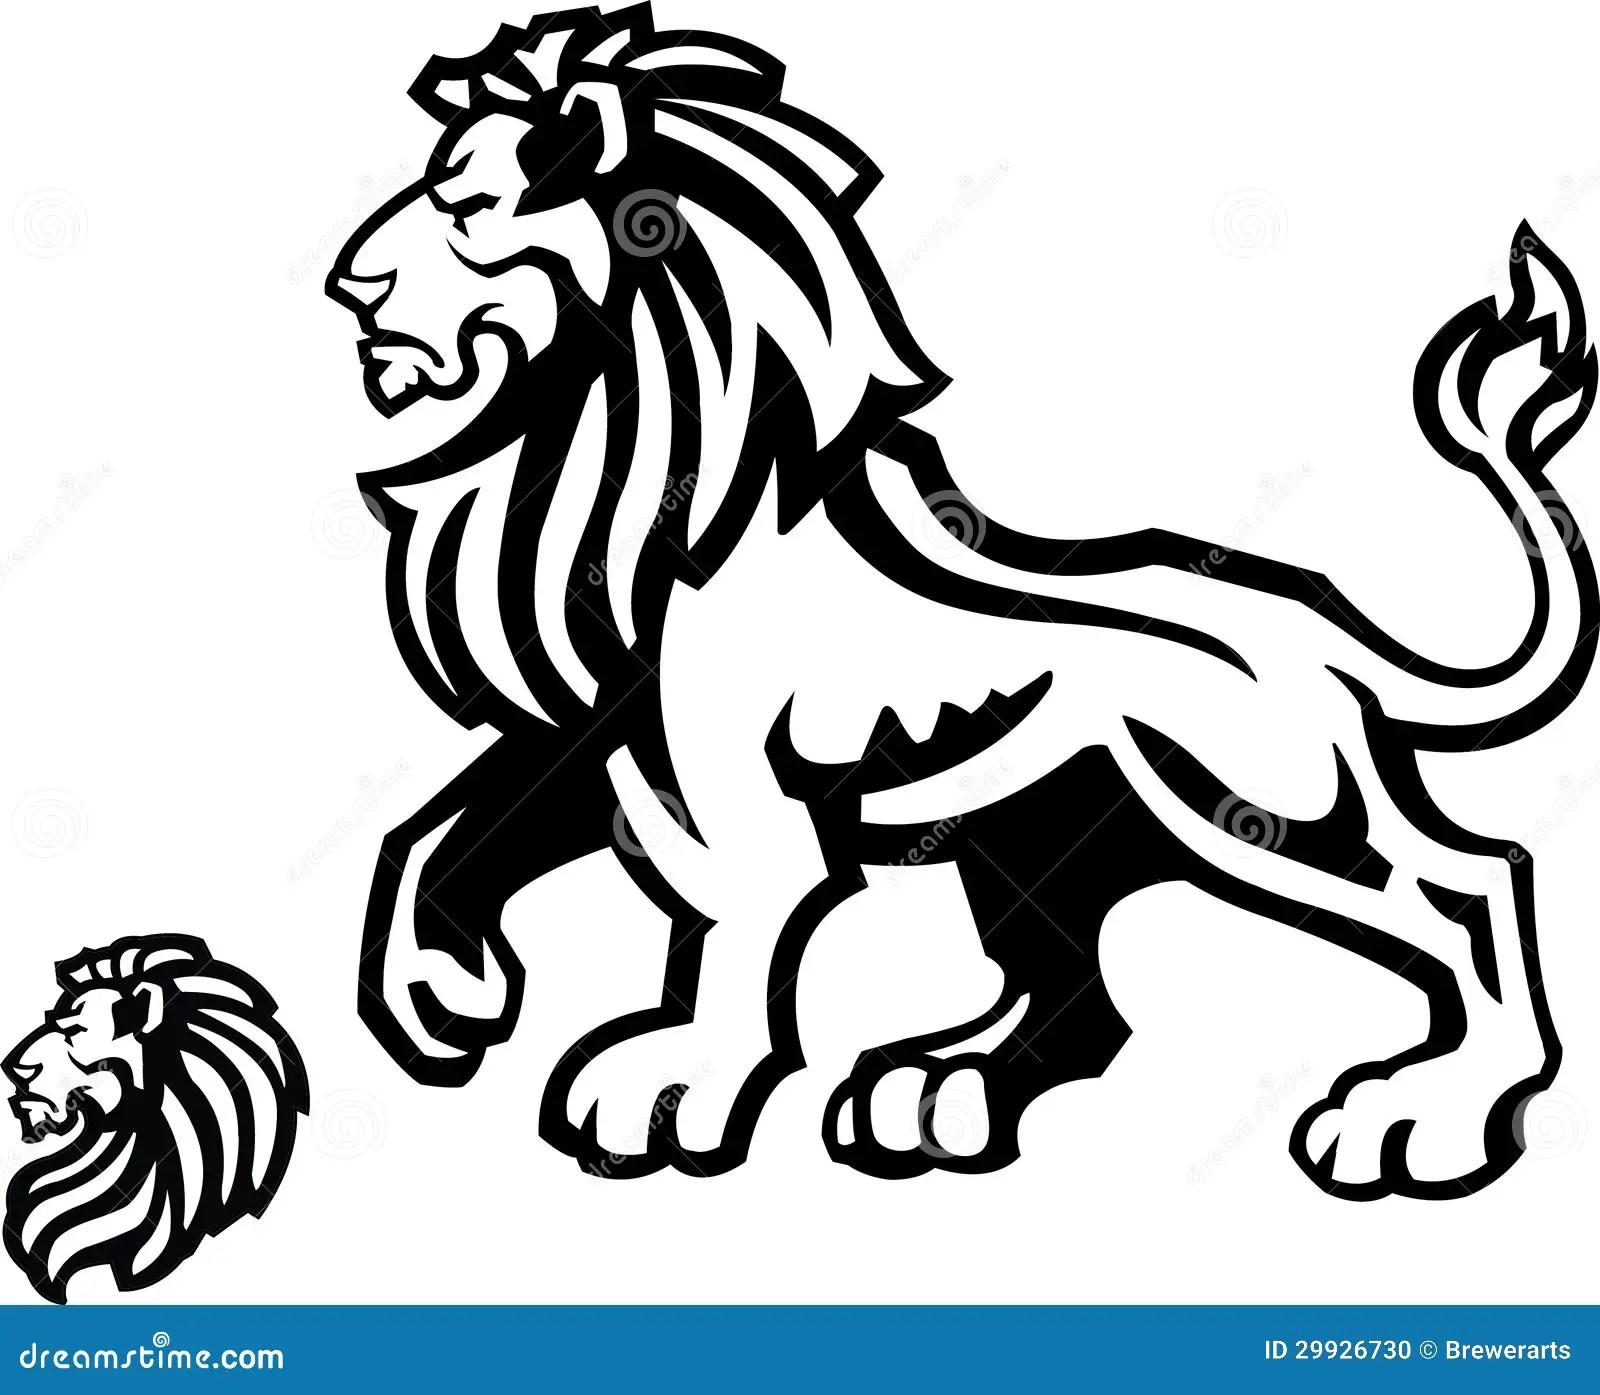 Lion Mascot Profile On White Stock Photo